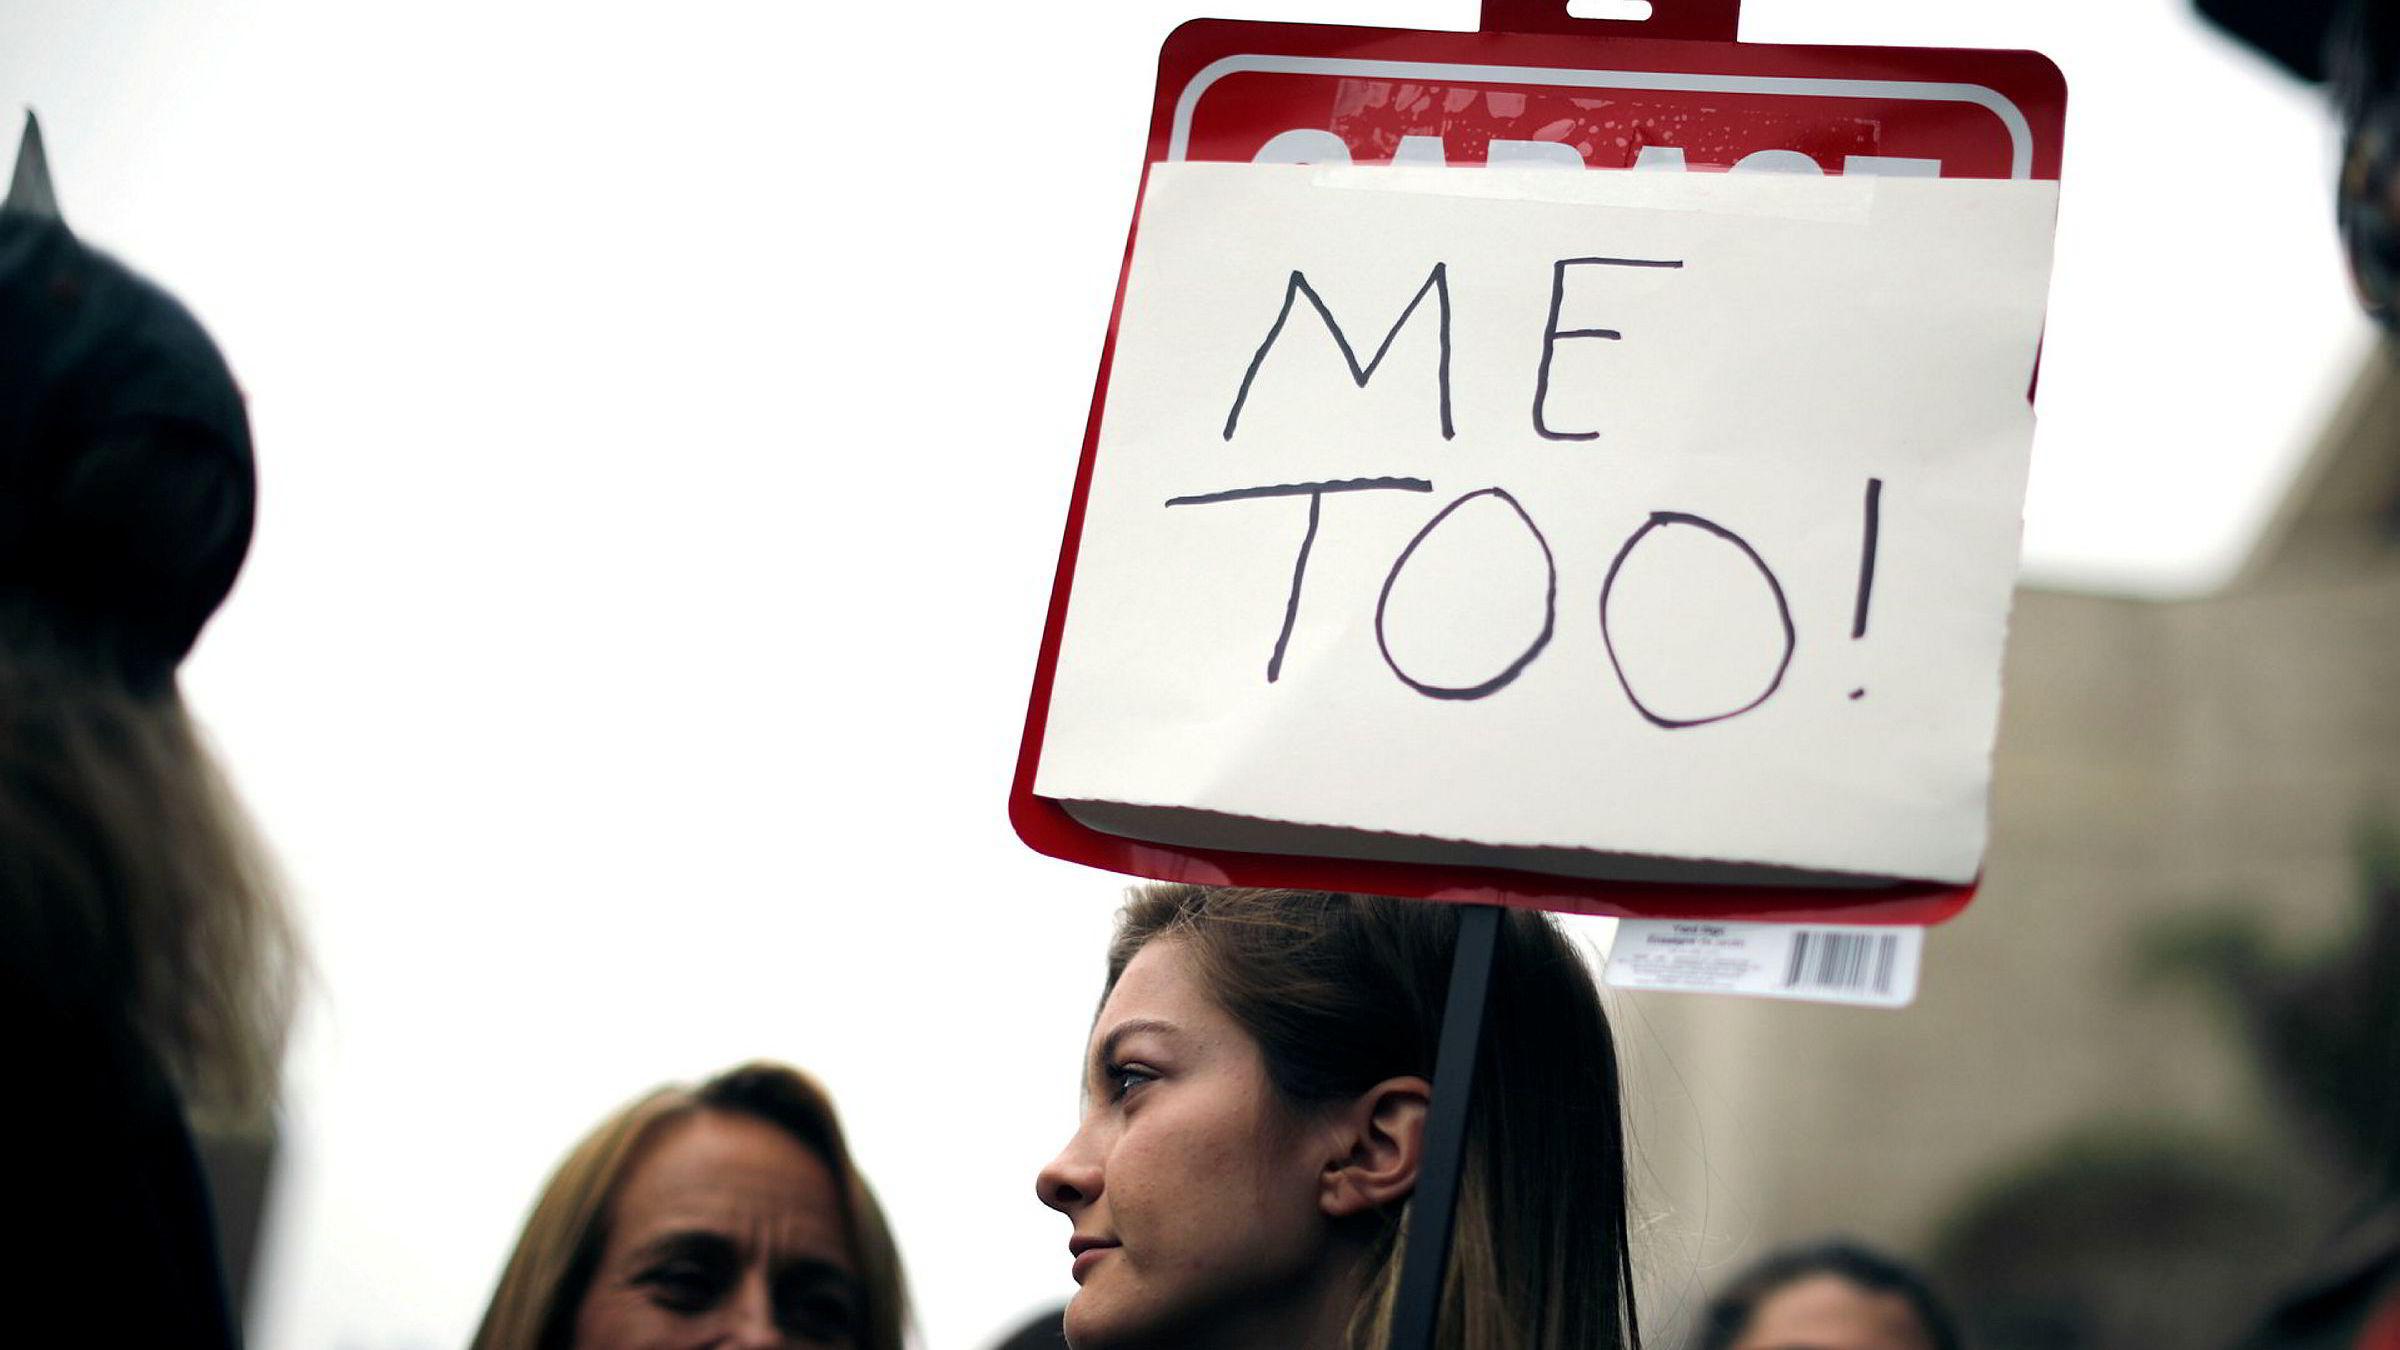 Det er viktig for varslerinstituttets bærekraft og fremtid at alle parters rettssikkerhet ivaretas i undersøkelsesfasen. Varsleren skal tas på alvor, skriver artikkelforfatteren. Her fra en Metoo protestmars i Hollywood, USA november 2017.